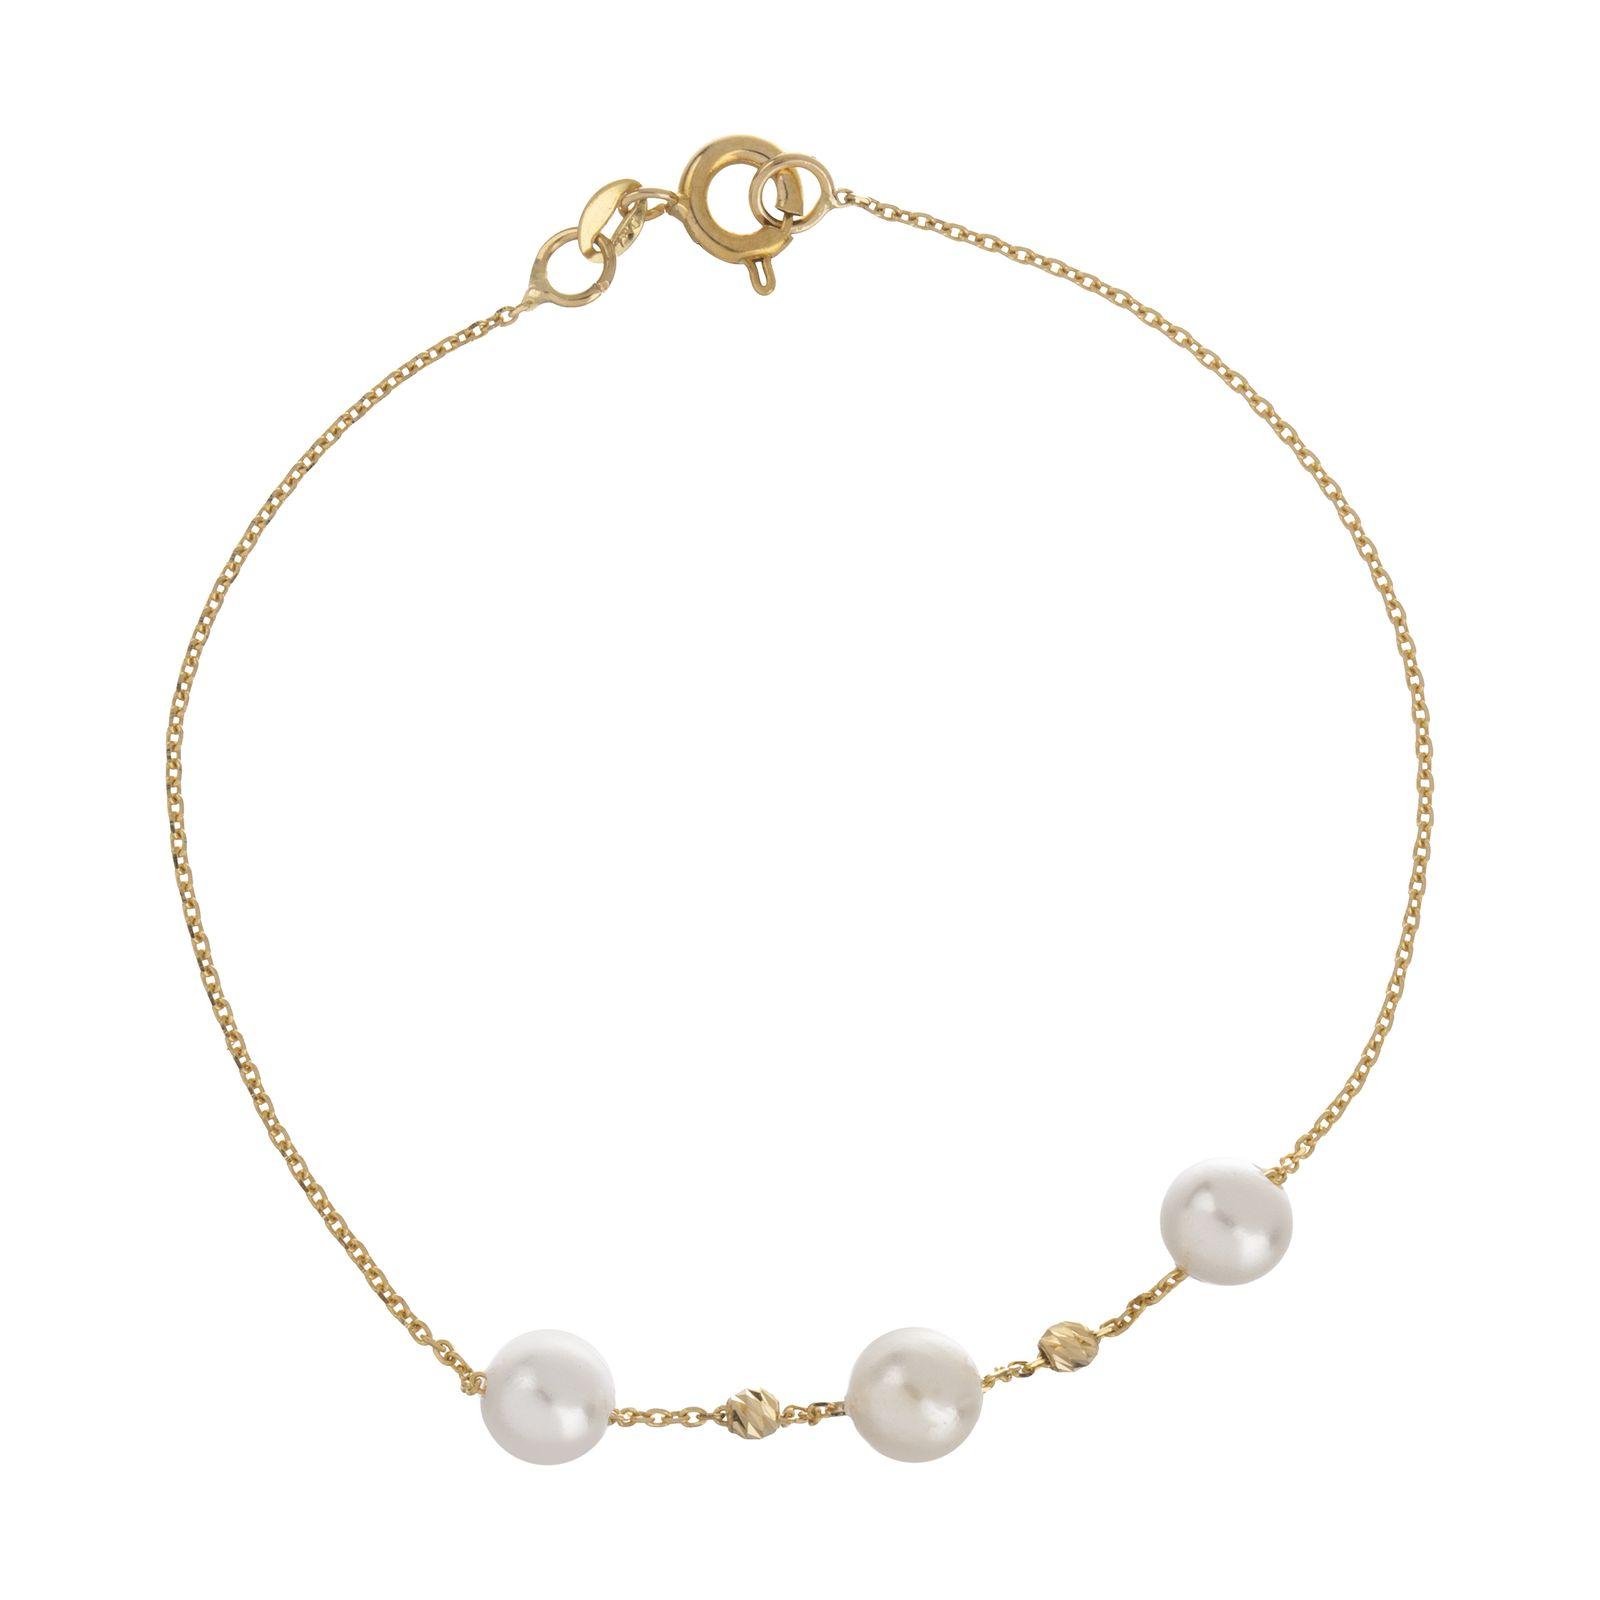 دستبند طلا 18 عیار زنانه مایا ماهک مدل ZMB1051 -  - 2